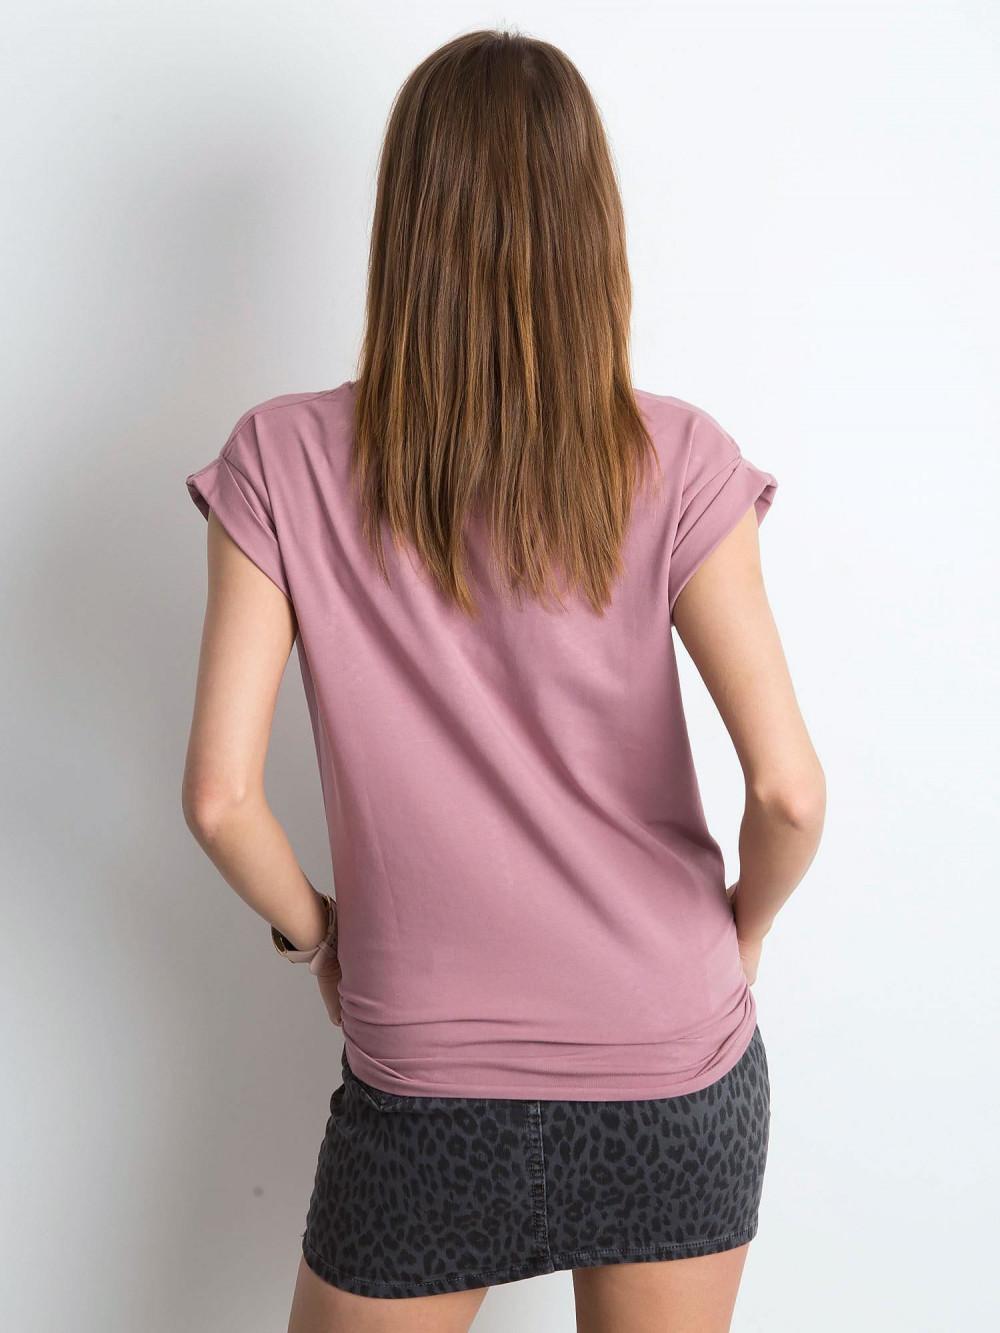 Brudnoróżowy t-shirt z zawijanymi rękawkami Nami 3